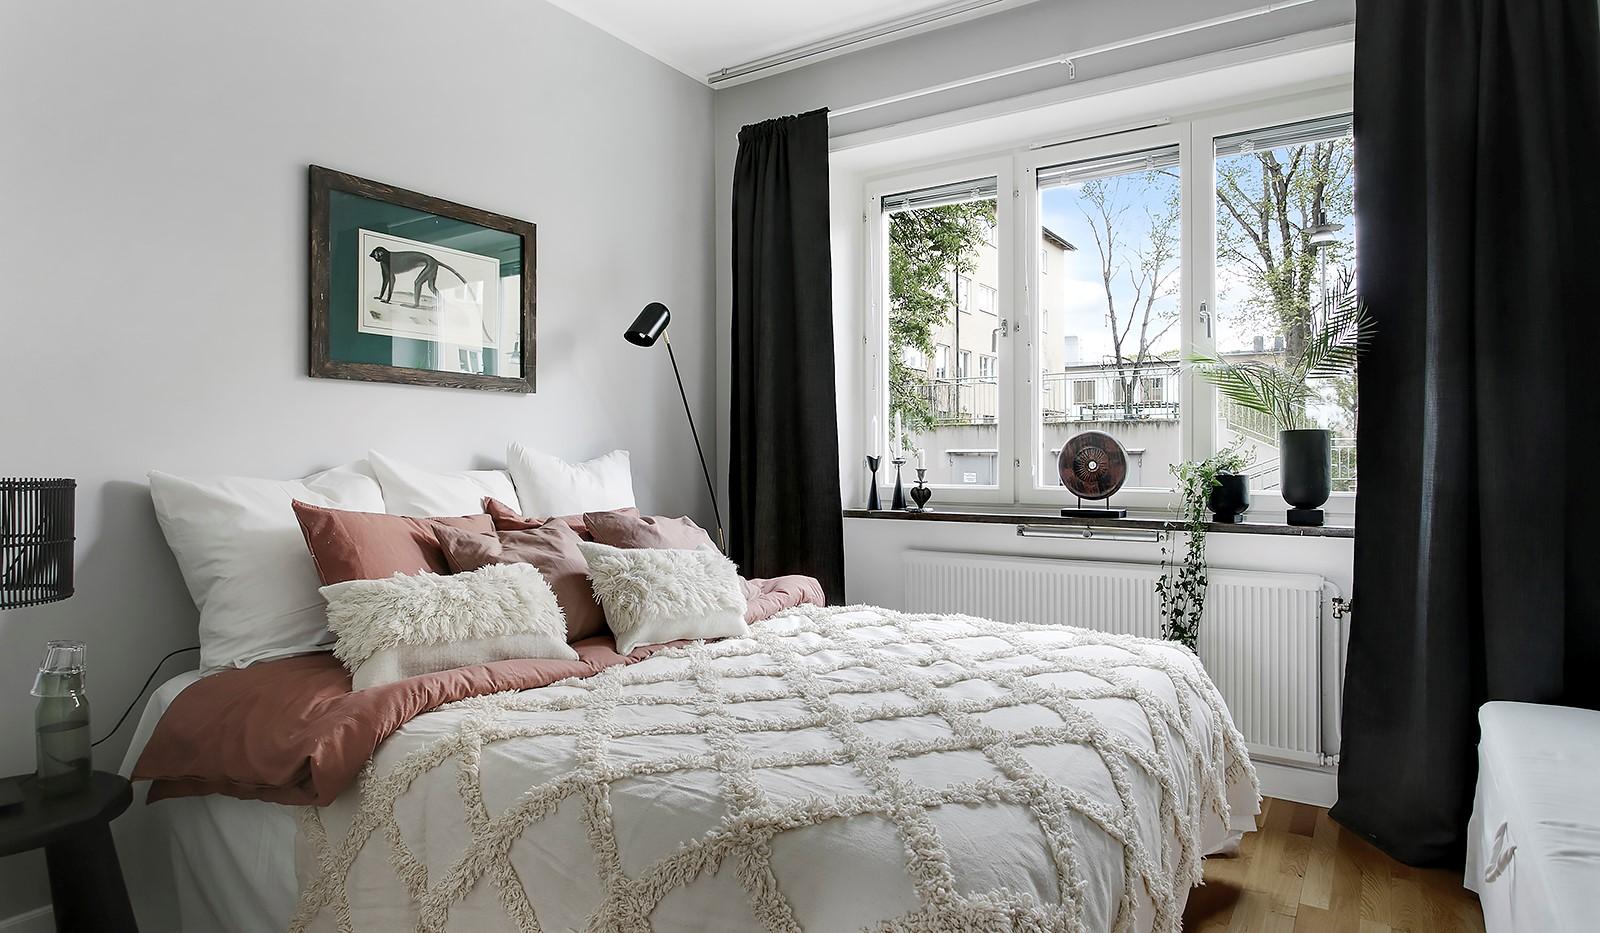 Maria Prästgårdsgata 39, 1tr - Rofyllt sovrum med plats för dubbelsäng